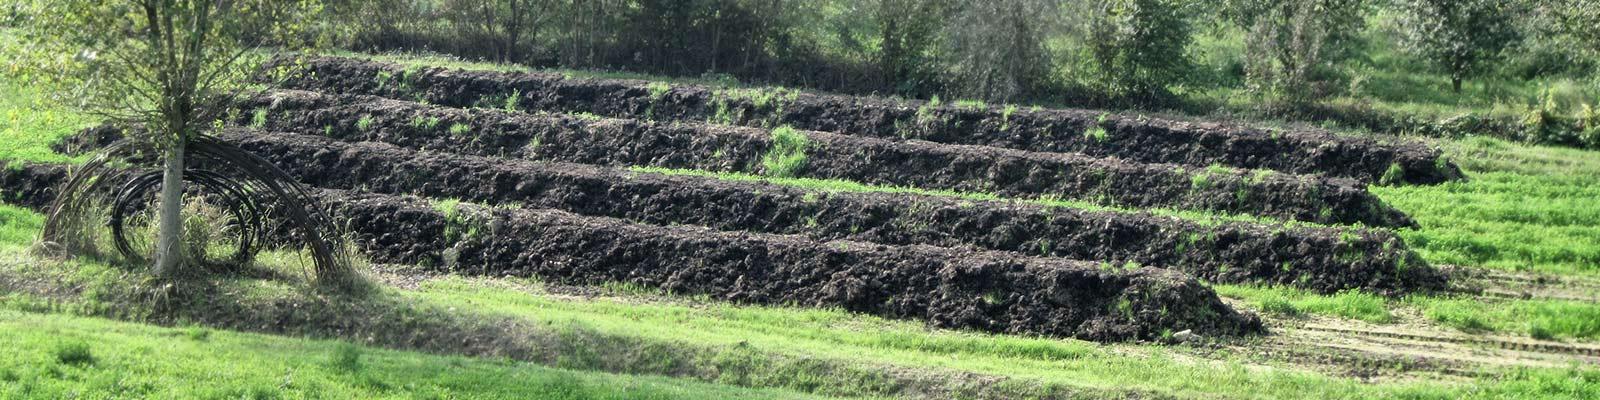 Lombricoltura - Azienda Agricola Negro Angelo e Figli